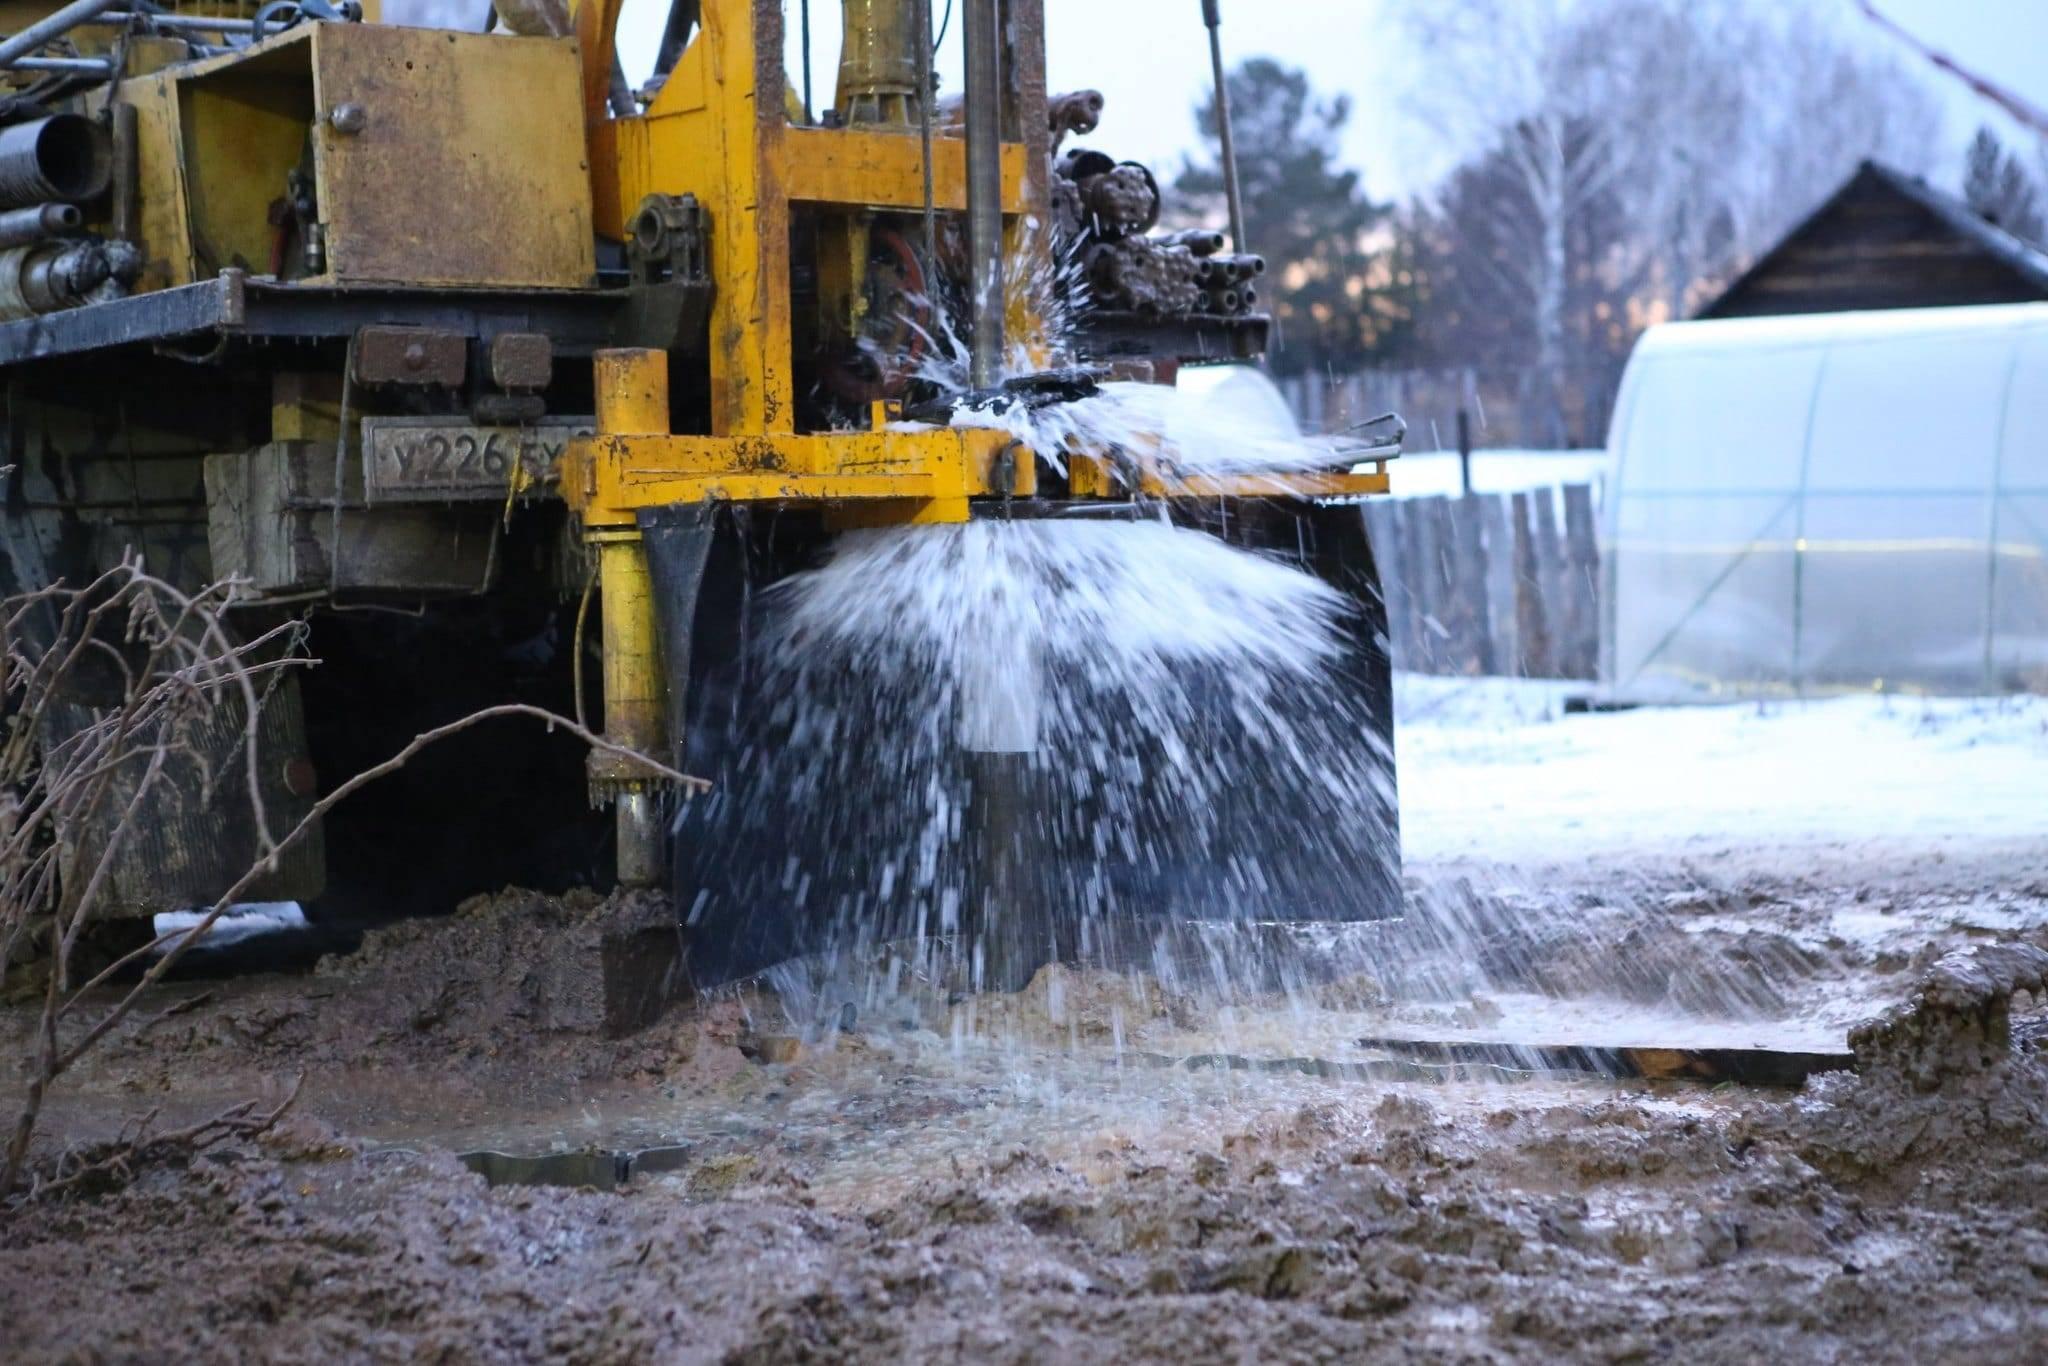 Регистрация скважины на воду: закон и глубина скважины, порядок регистрации